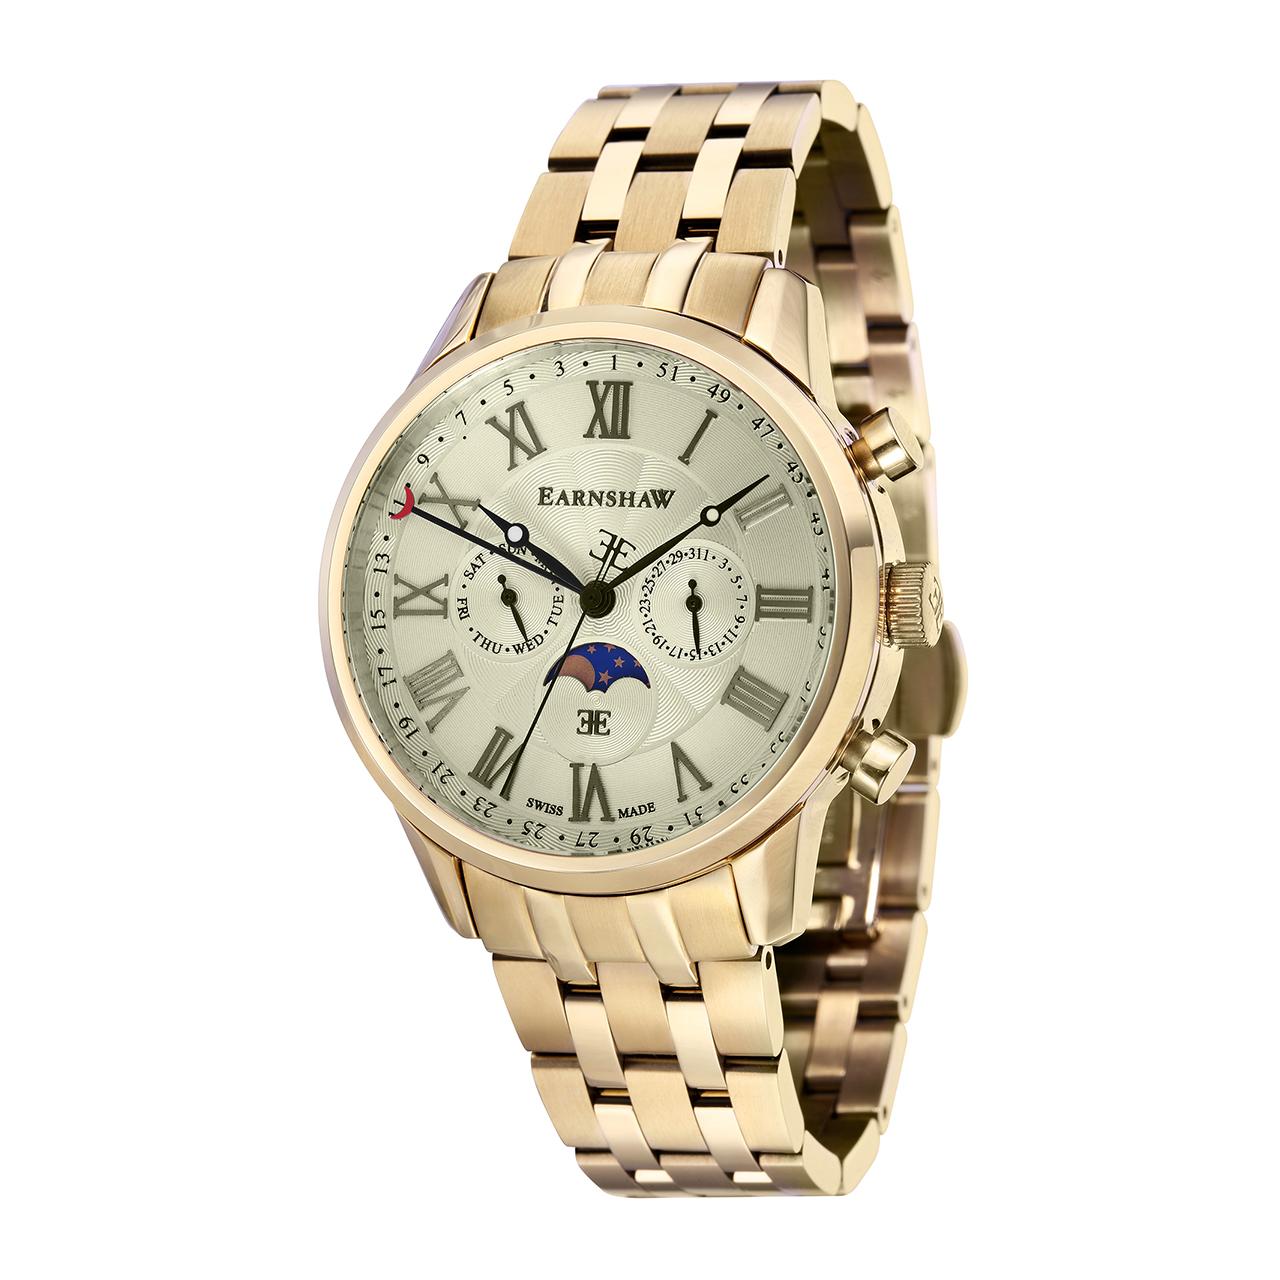 ساعت مچی عقربه ای مردانه ارنشا مدل ES-0017-33 16